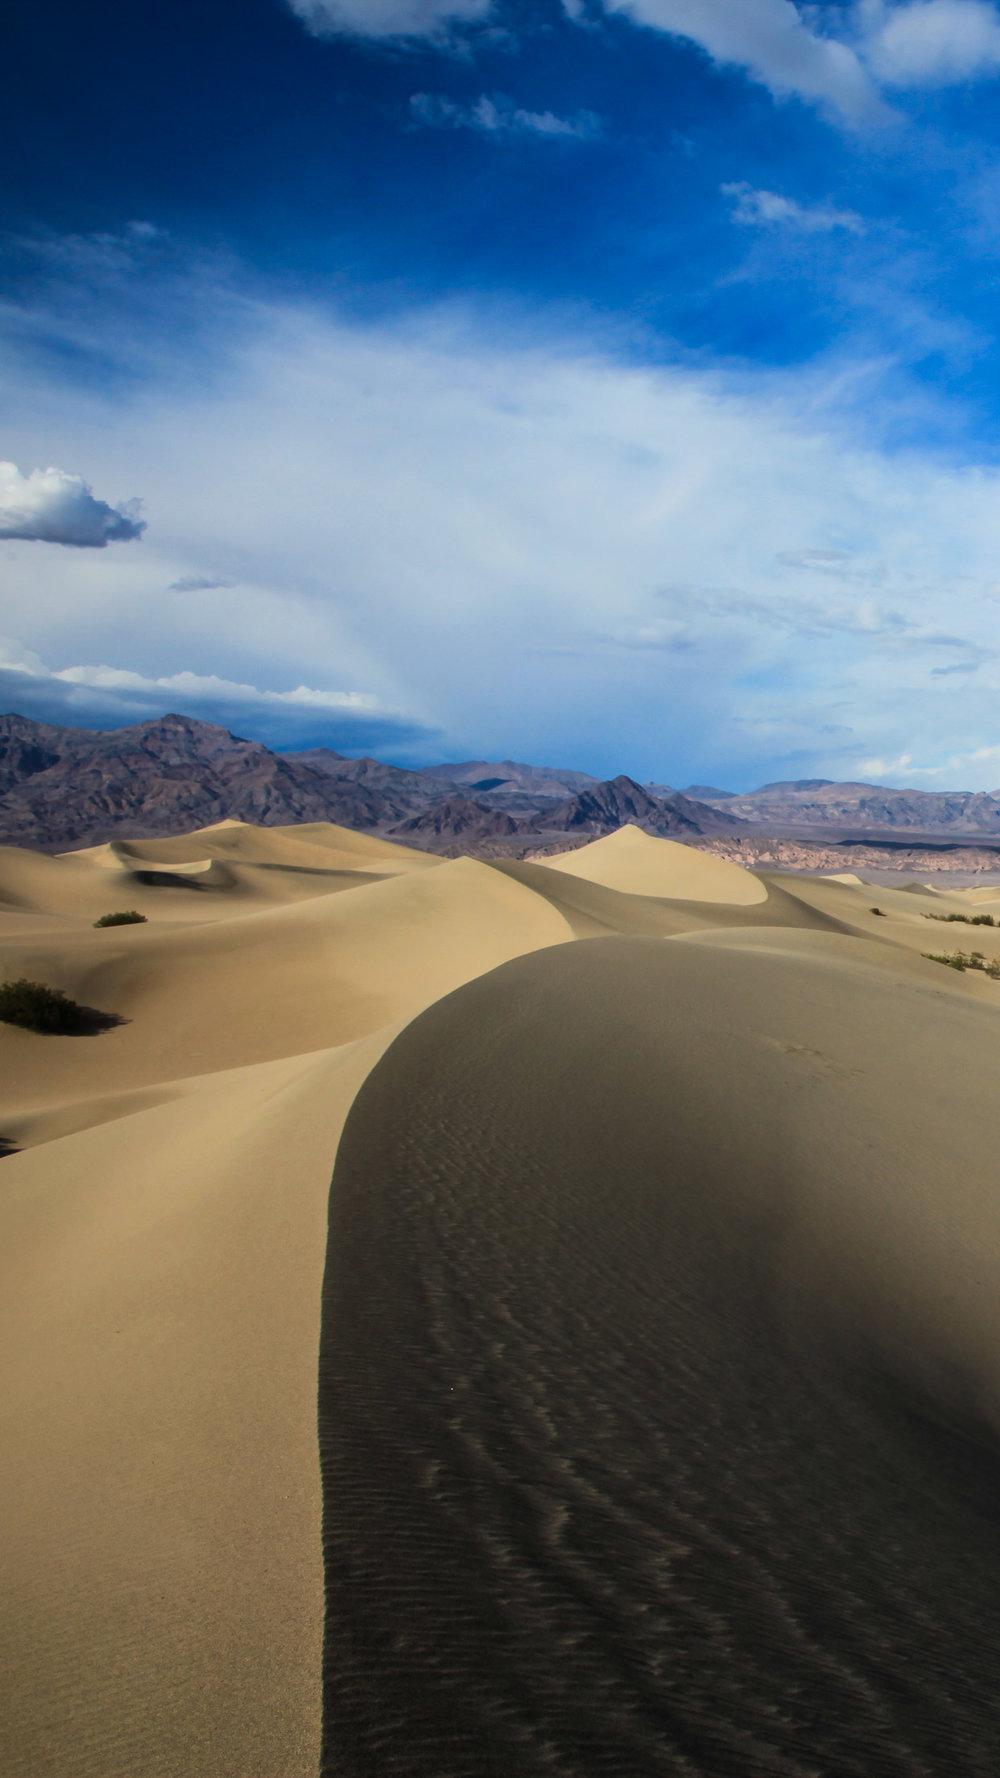 Mesquite sand dunes